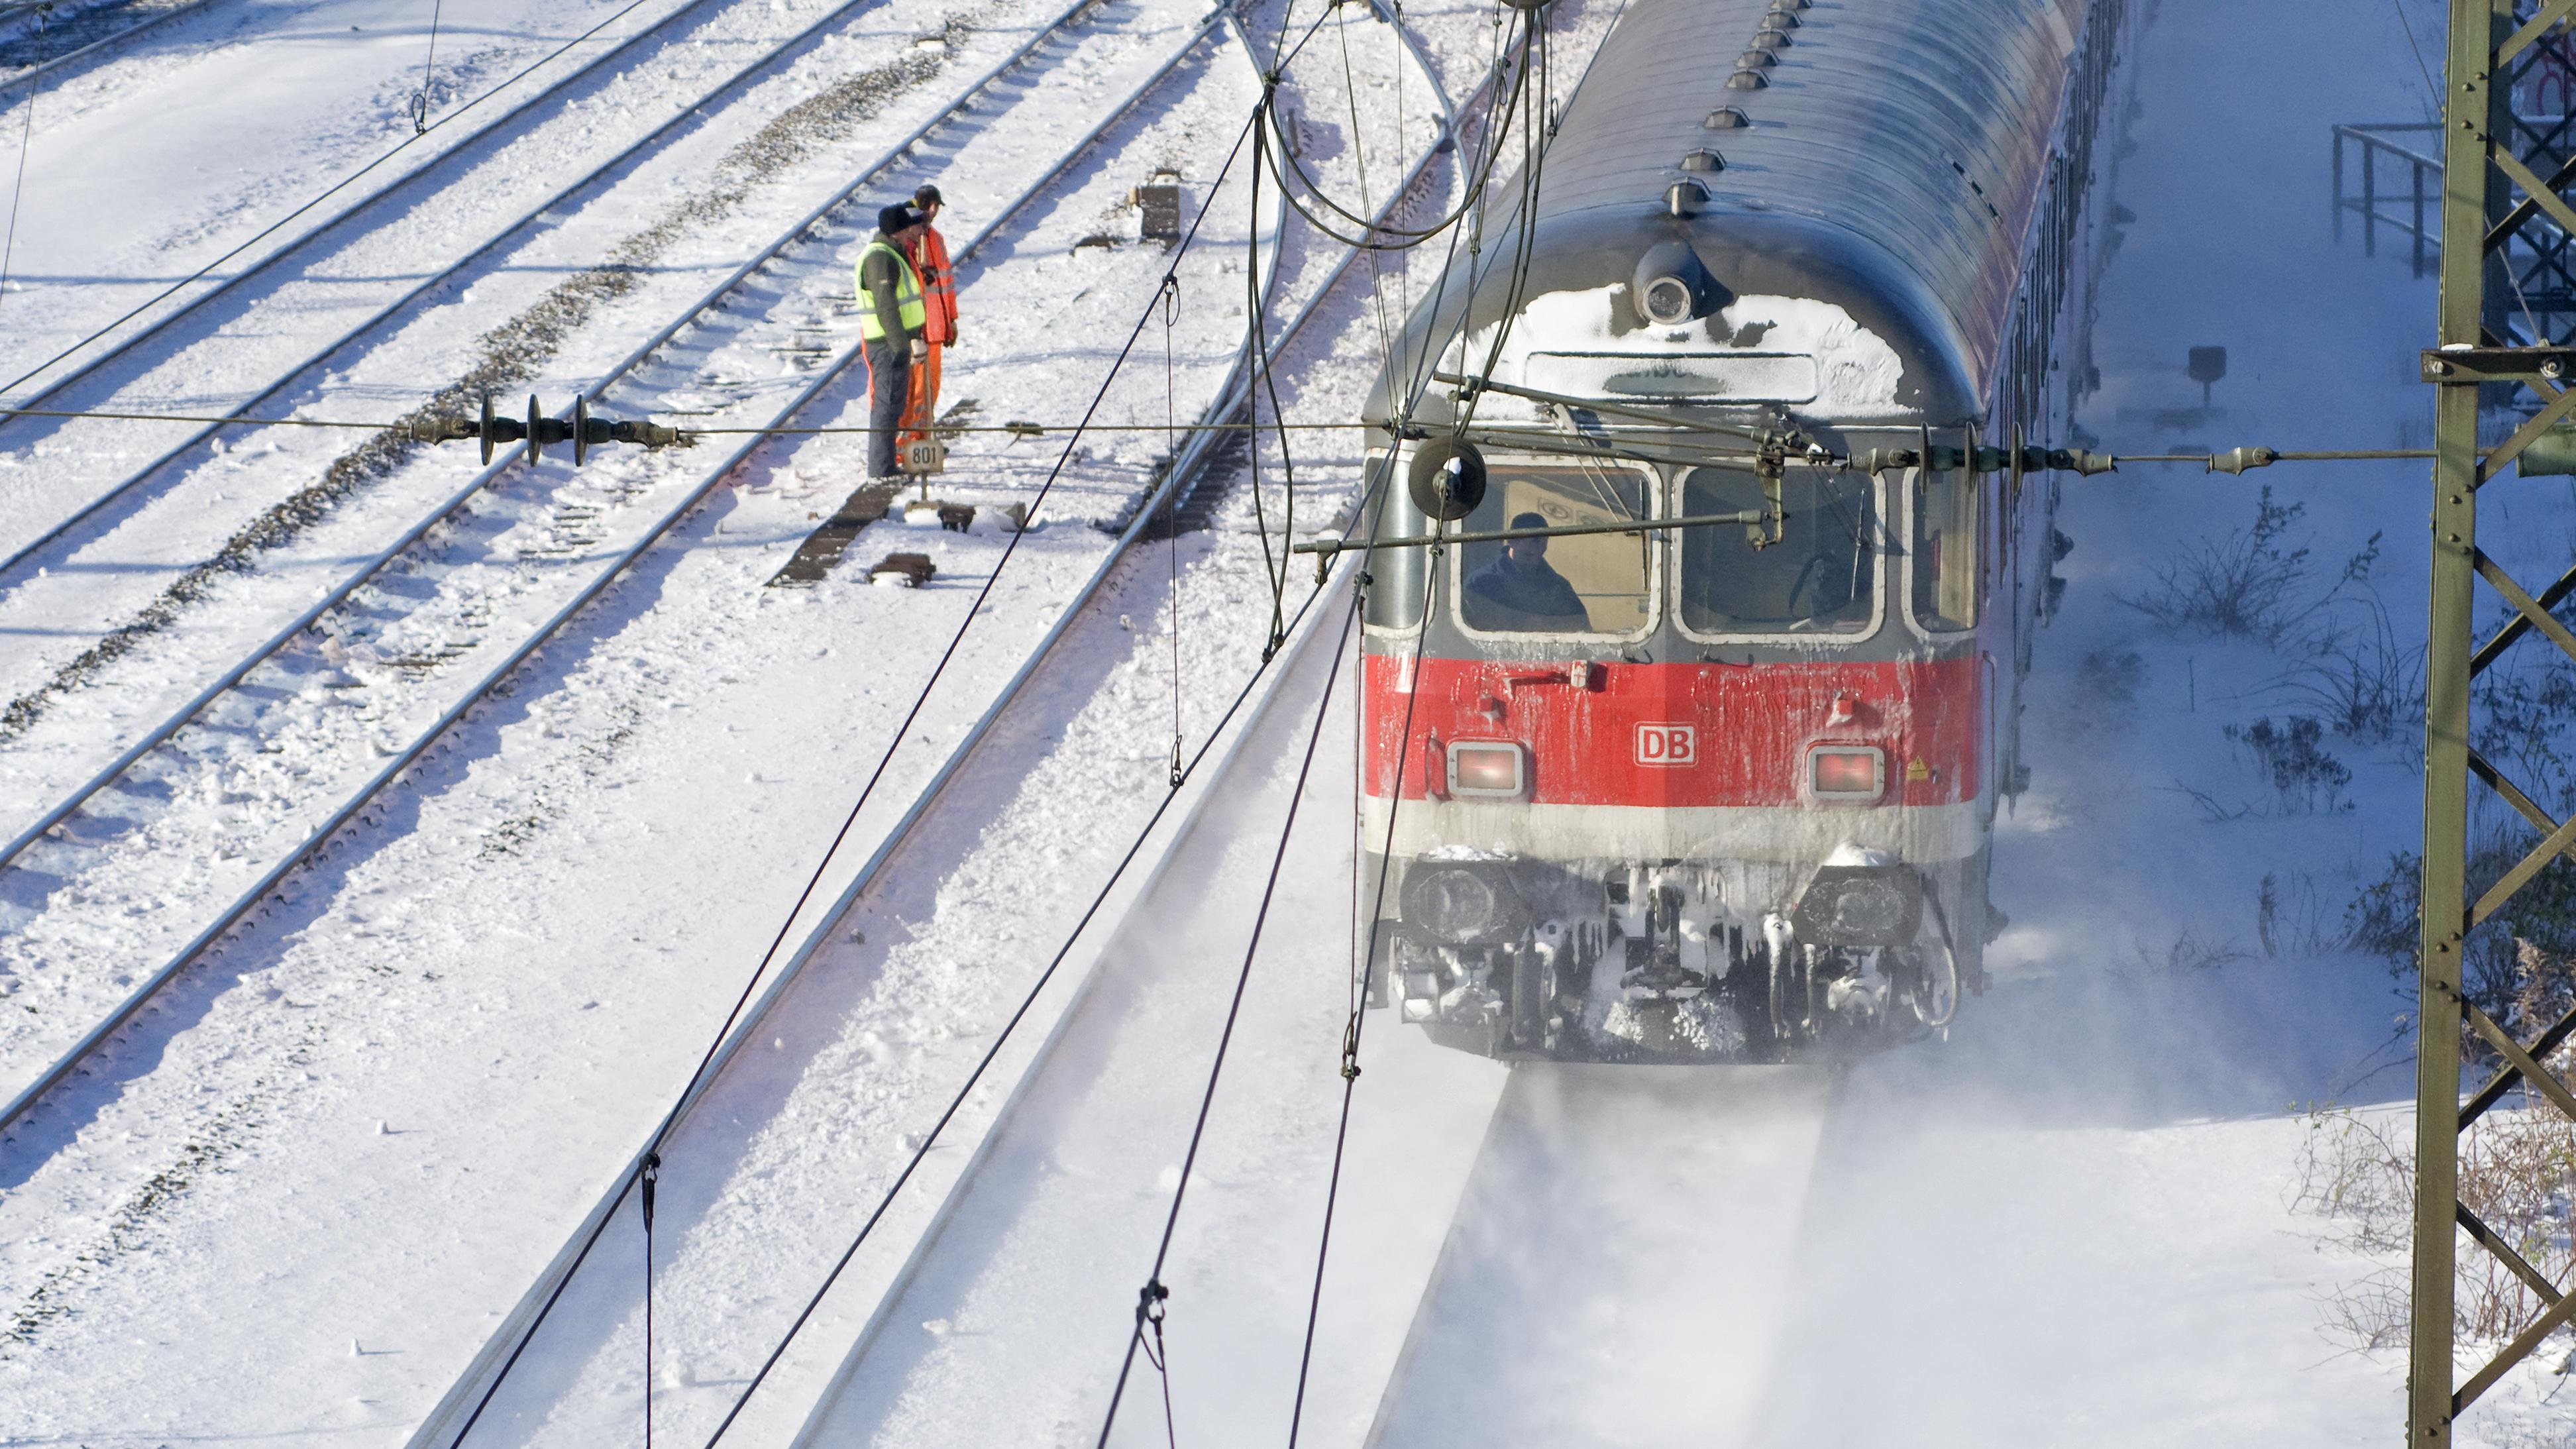 Schnee Bahnstrecken Bleiben Mehrere Tage Gesperrt Br24